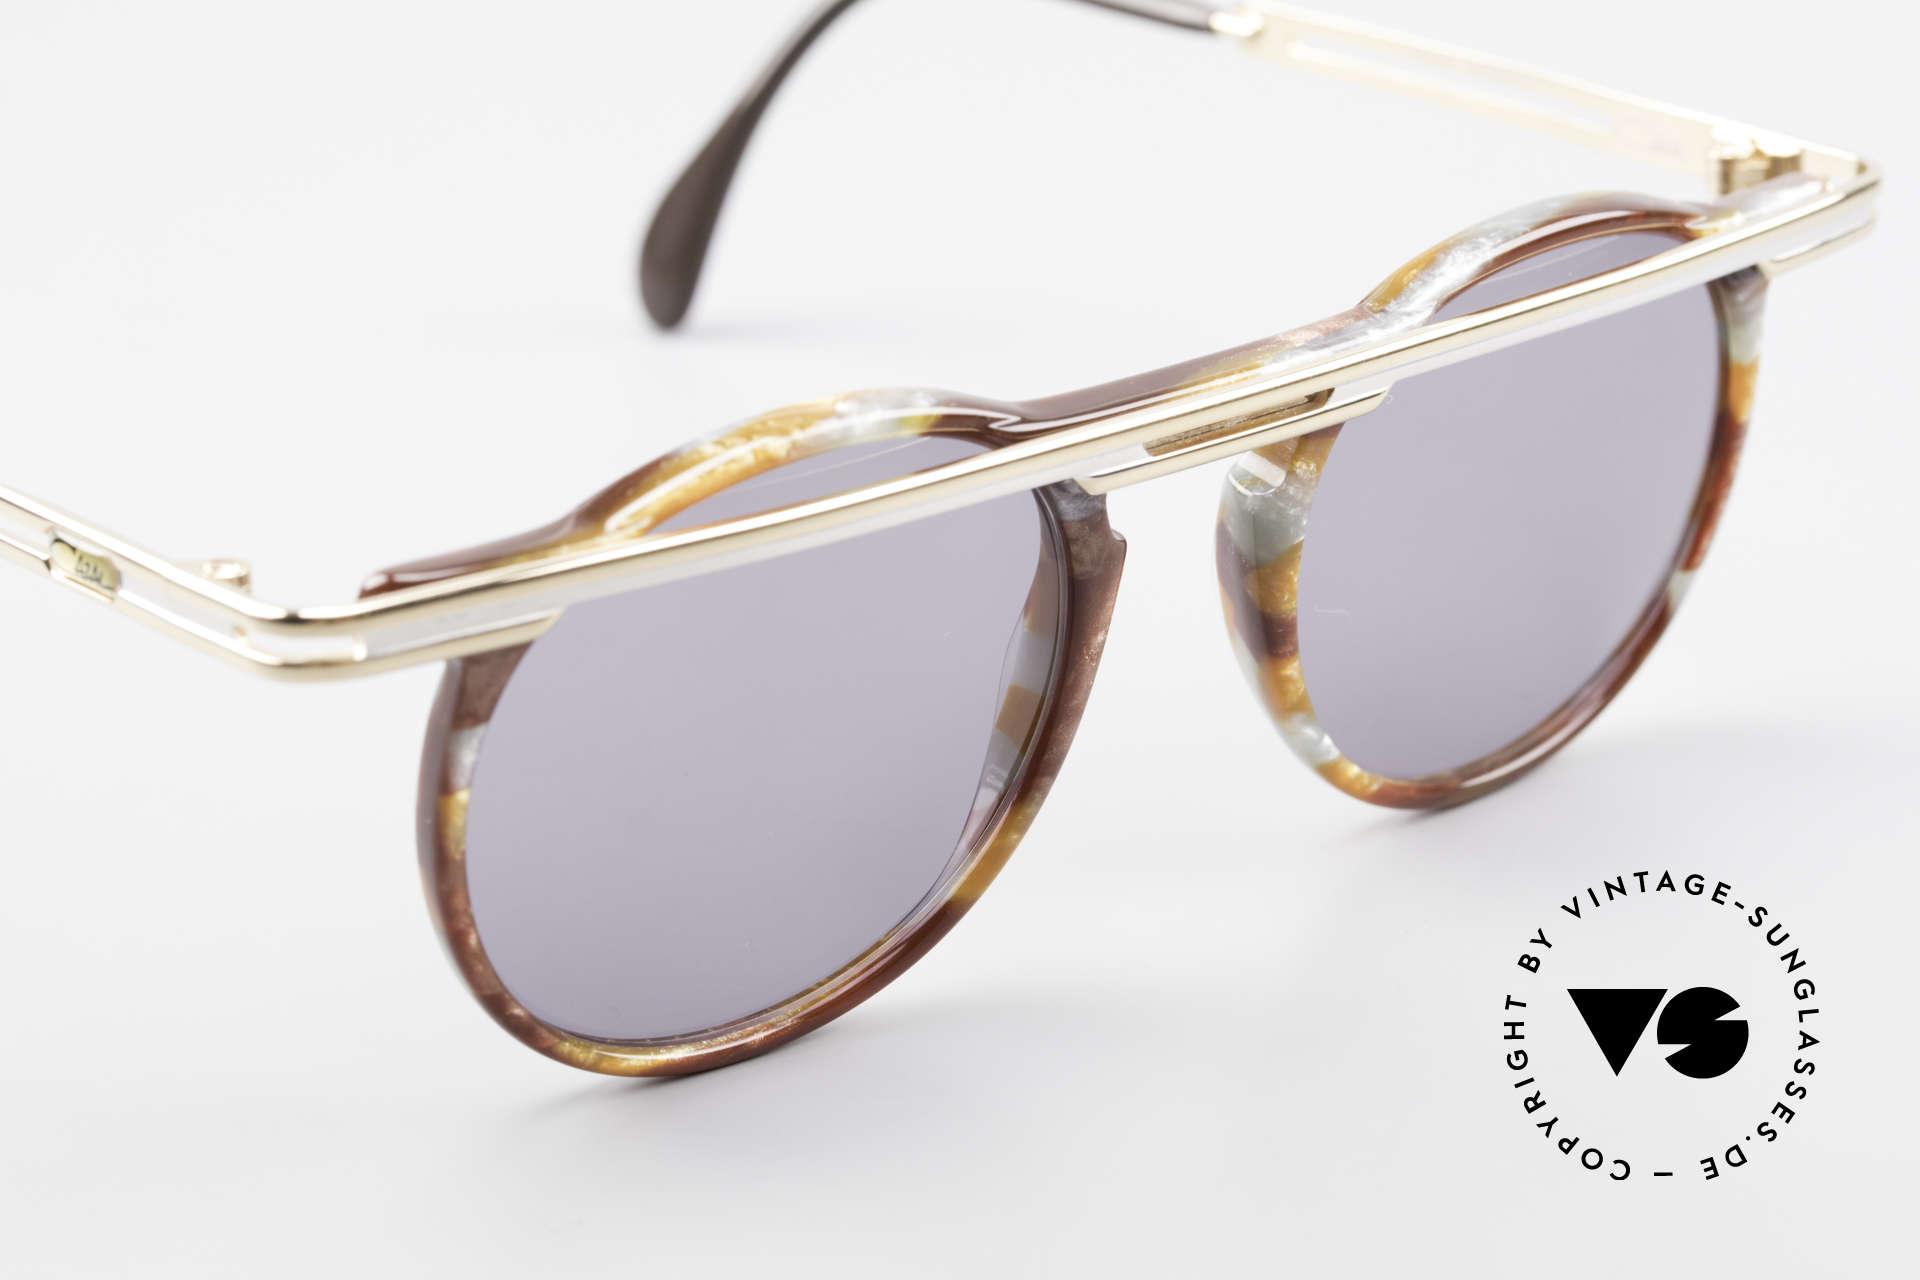 Cazal 648 Cari Zalloni Vintage Brille 90er, ungetragen (wie alle unsere vintage Cazal Brillen), Passend für Herren und Damen